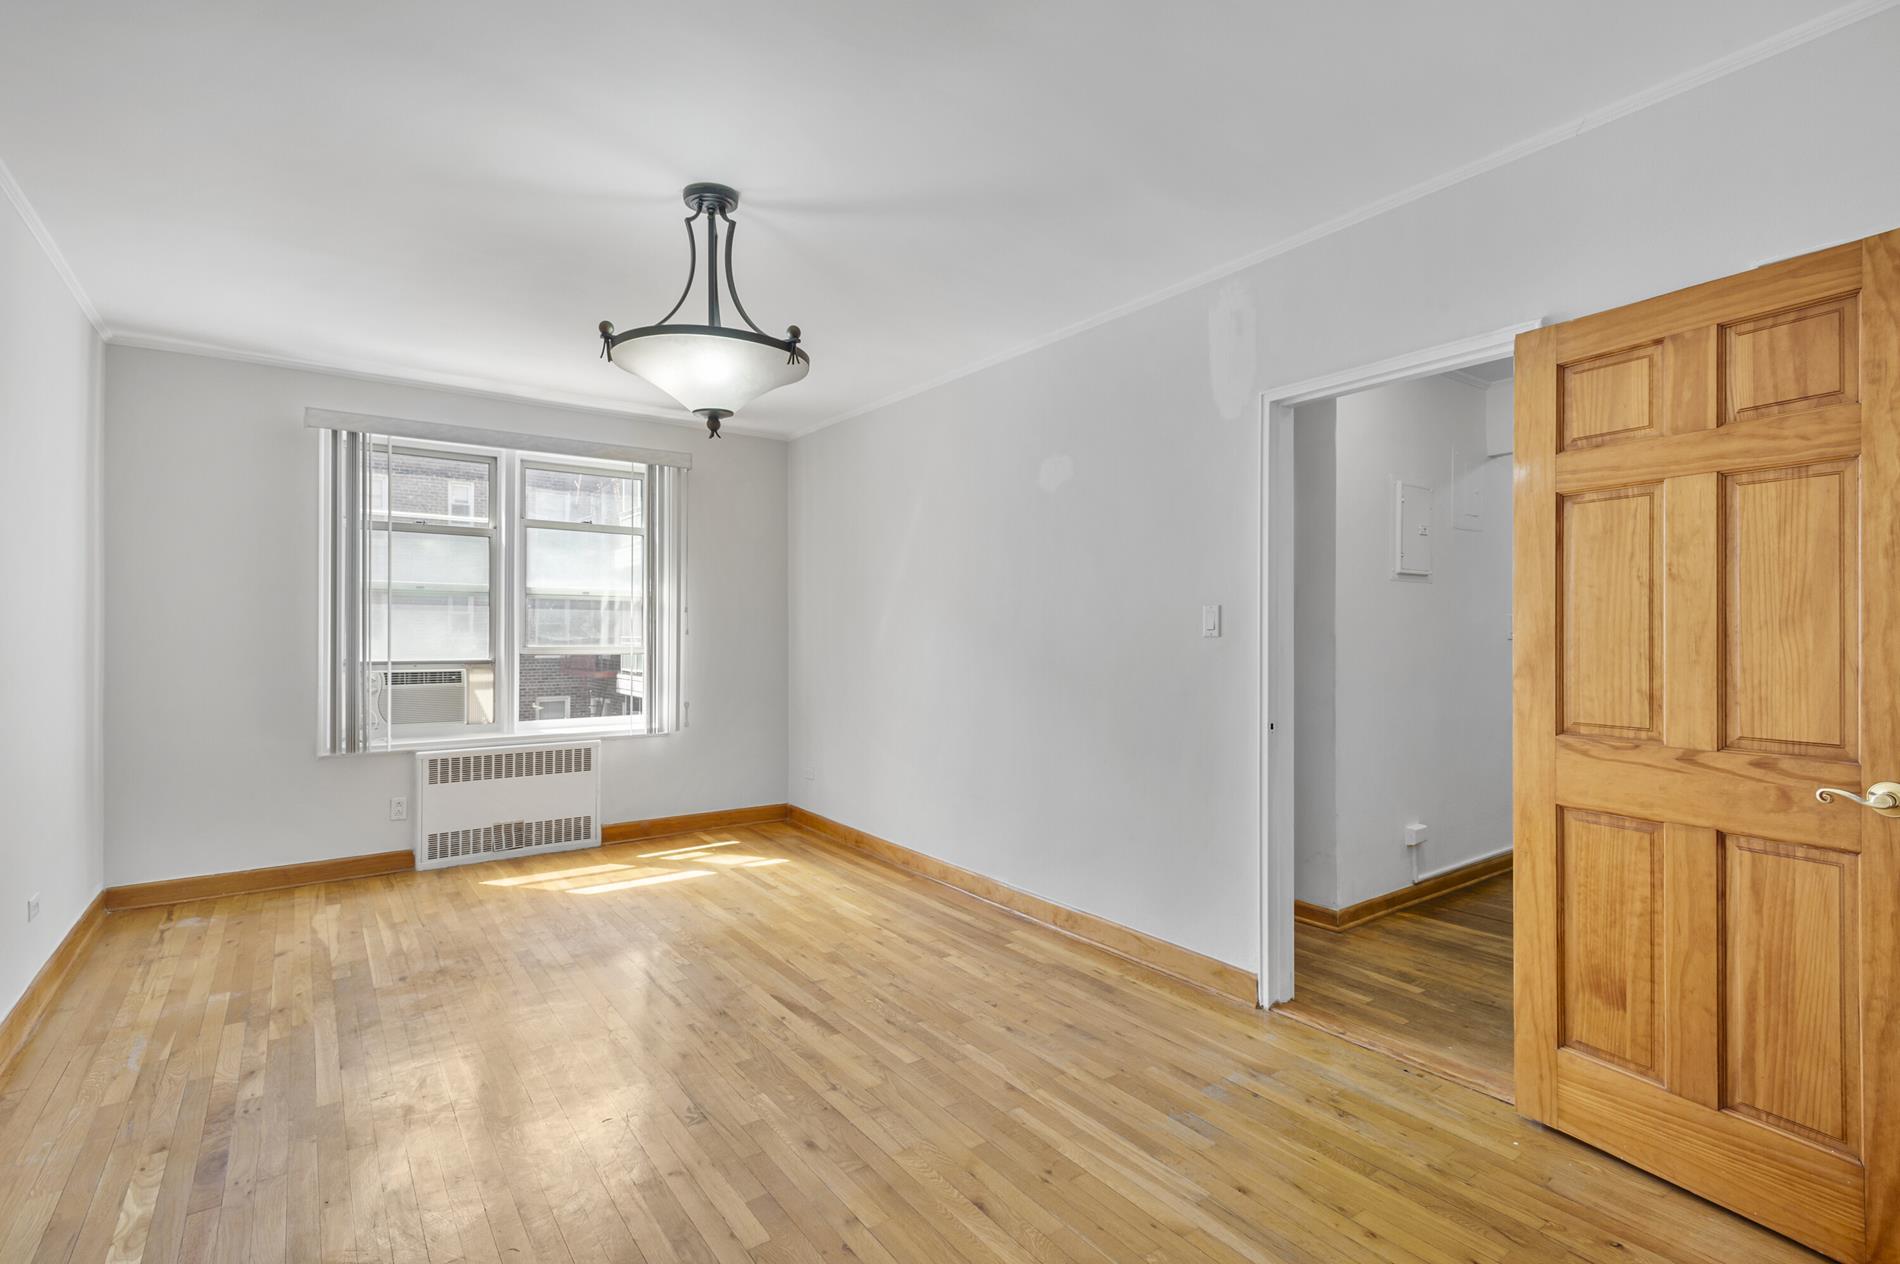 79-10 34th Avenue Interior Photo